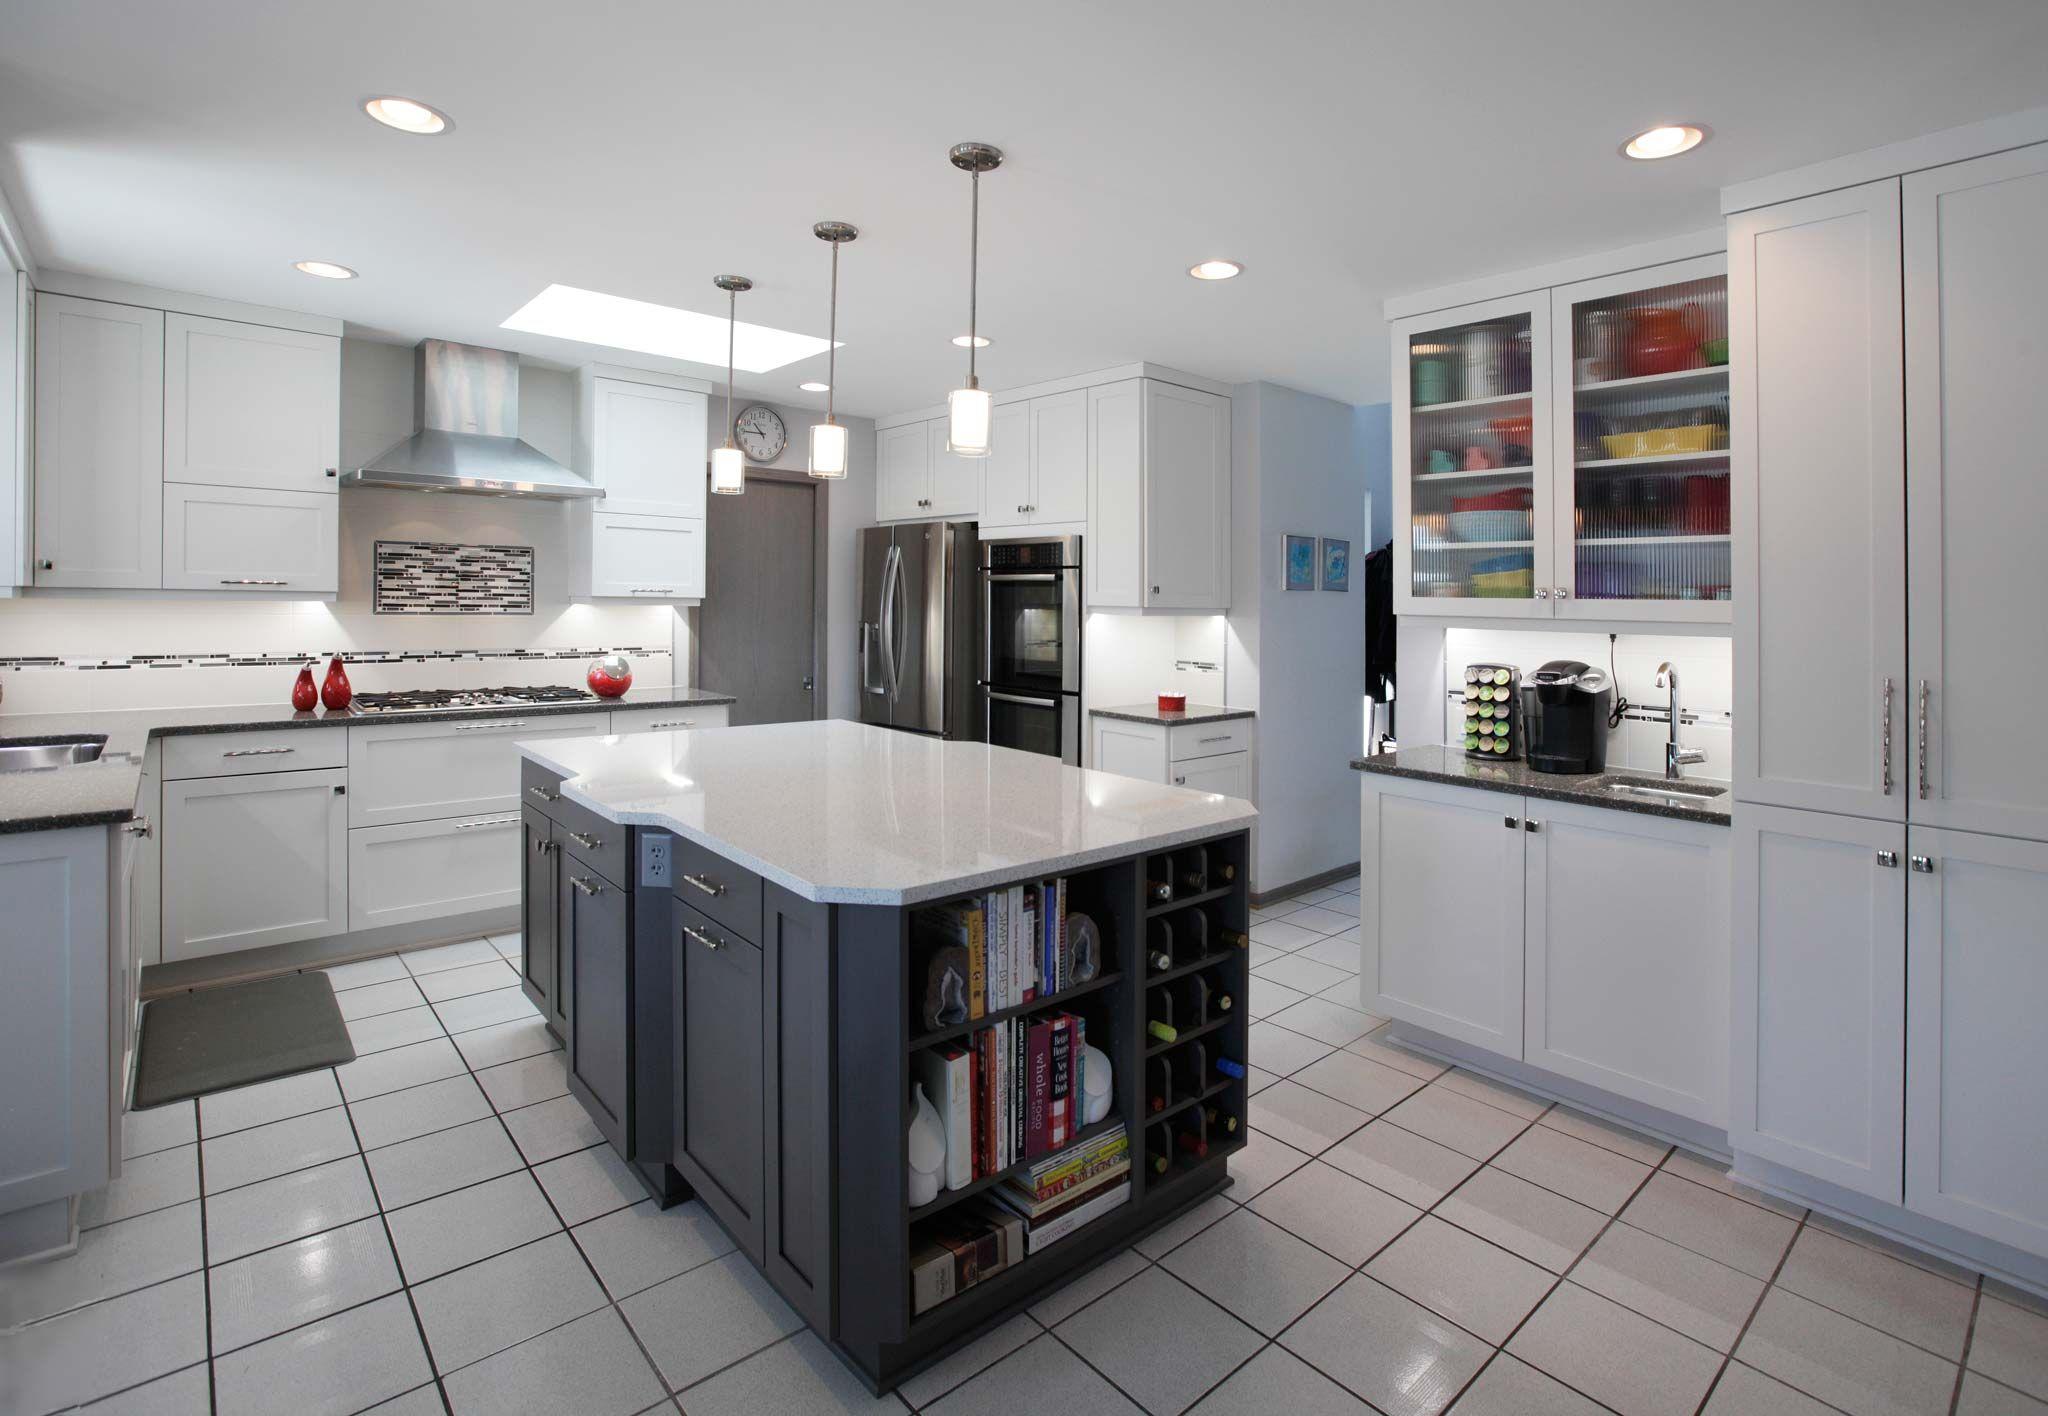 Genial Park Ridge IL Kitchen Design Modern Grey White   LOVE This Bakers Kitchen!!!  #LGLimitlessDesign #Contest